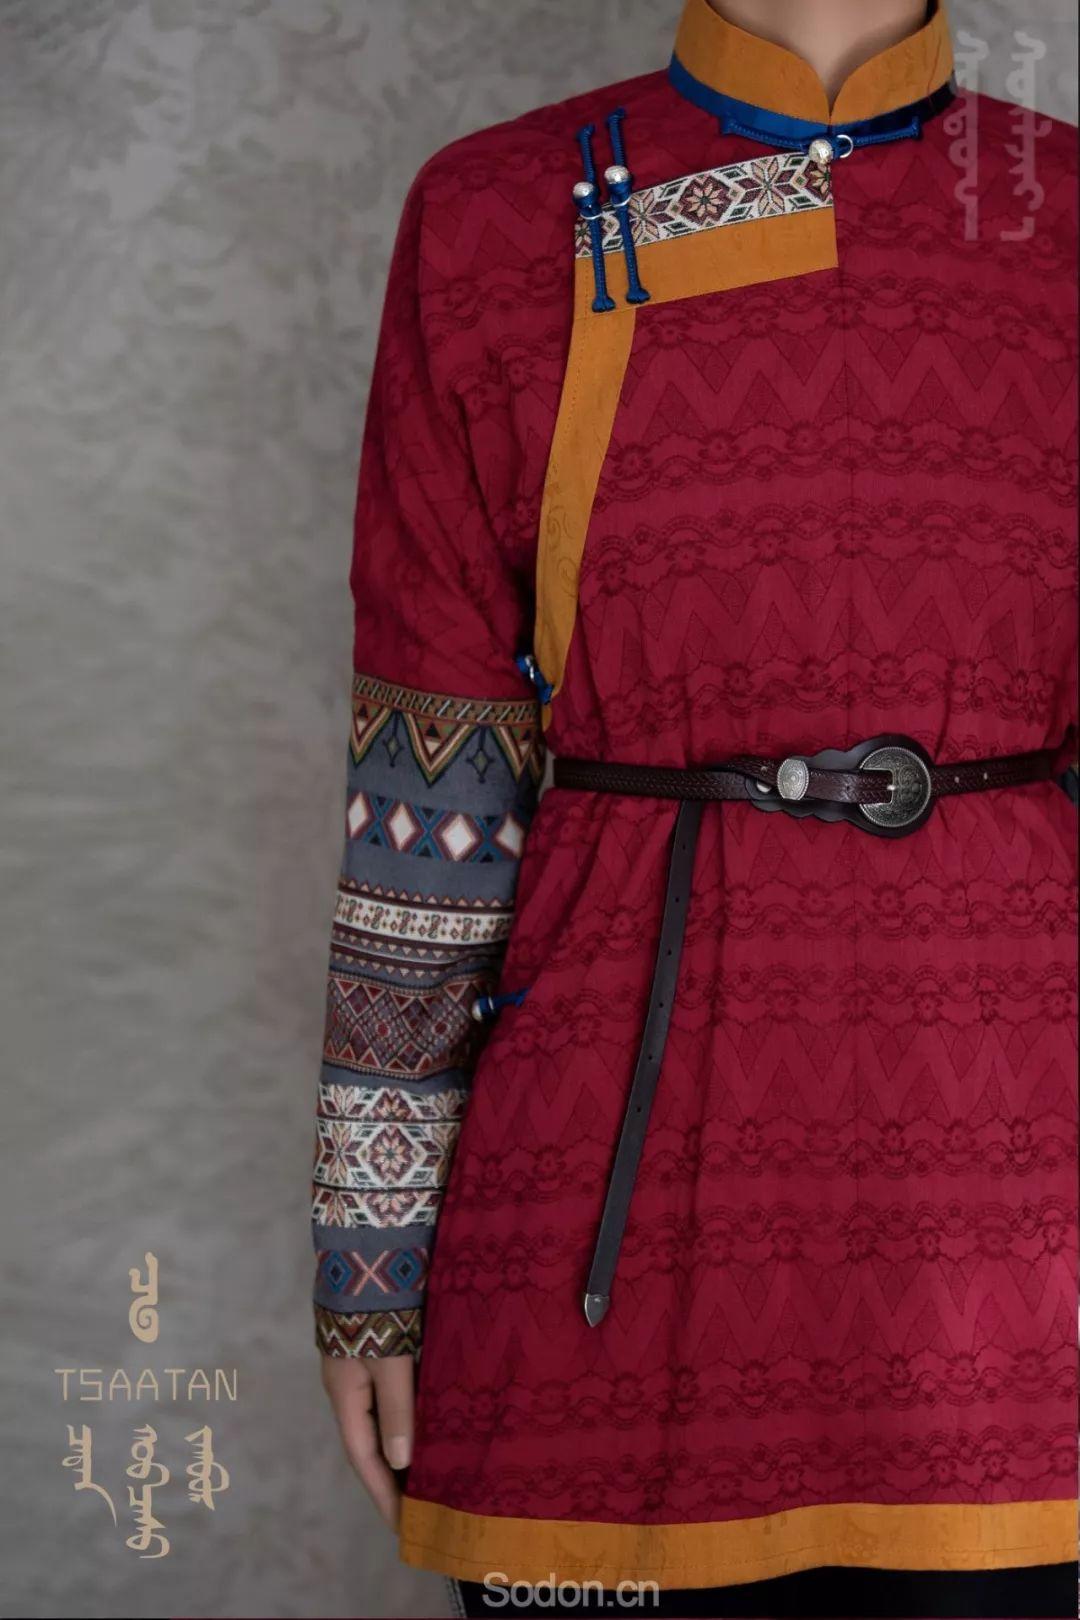 TSAATAN蒙古时装 2019新款,来自驯鹿人的独特魅力! 第66张